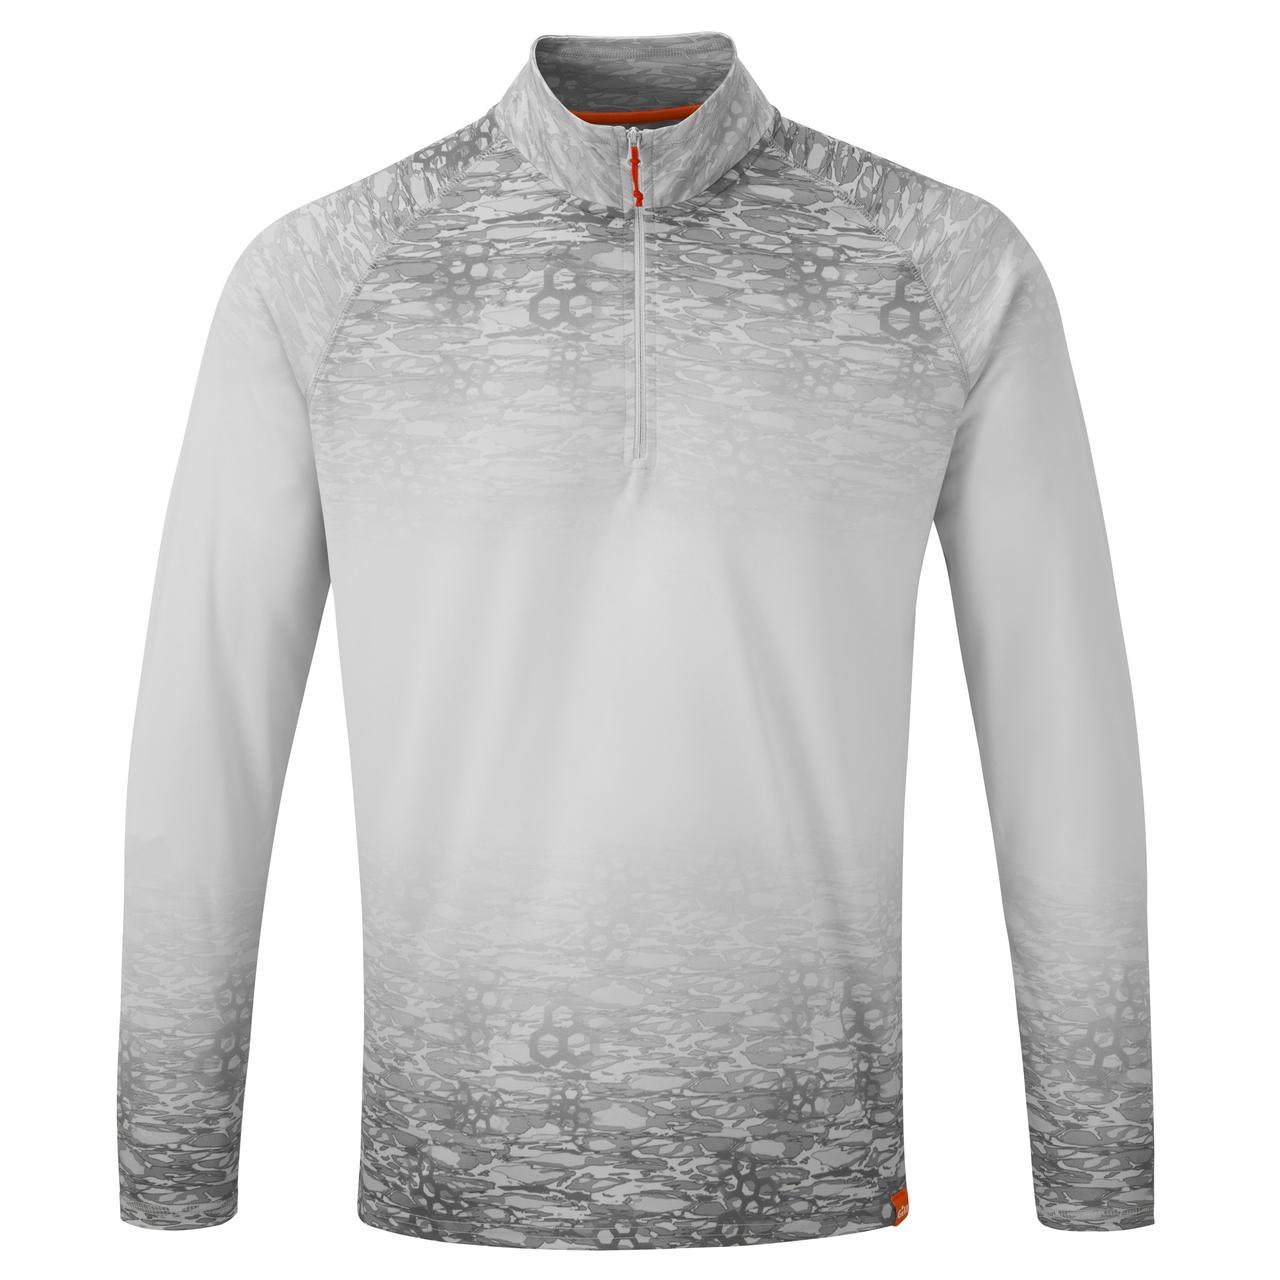 Men's UV Tec Zip Tee - Long Sleeve - UV009-ICE01-1.jpg